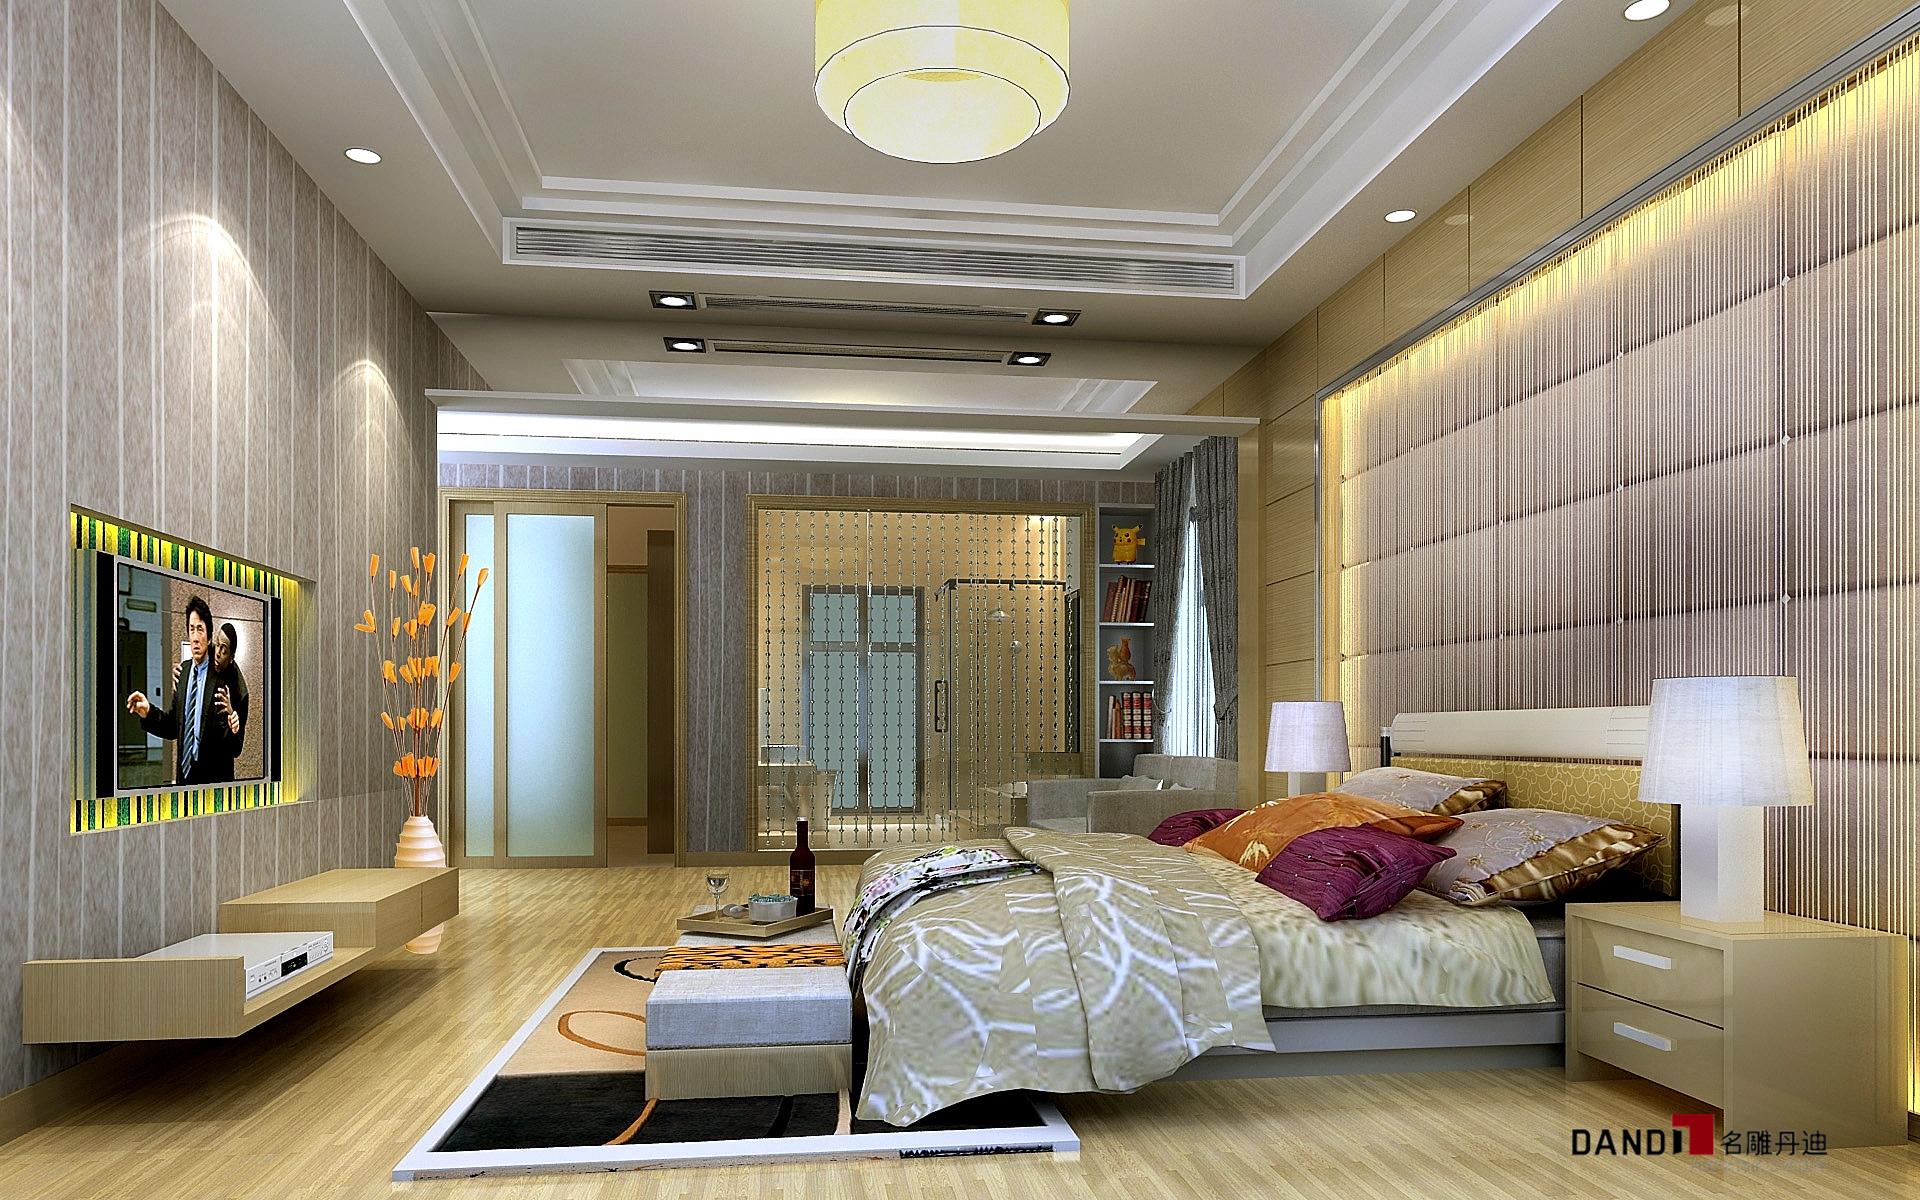 现代 现代奢华 别墅装饰 名雕丹迪 时尚设计 卧室 卧室图片来自名雕丹迪在现代奢华--300平顶级江南别墅的分享